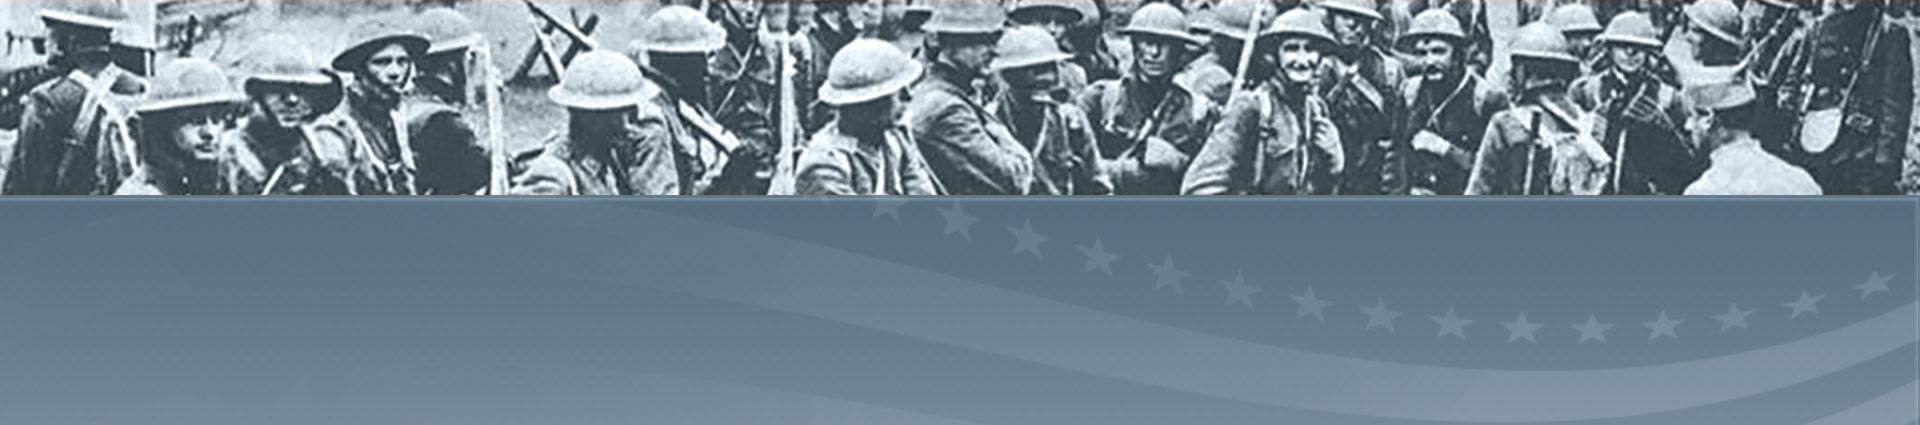 Header background image